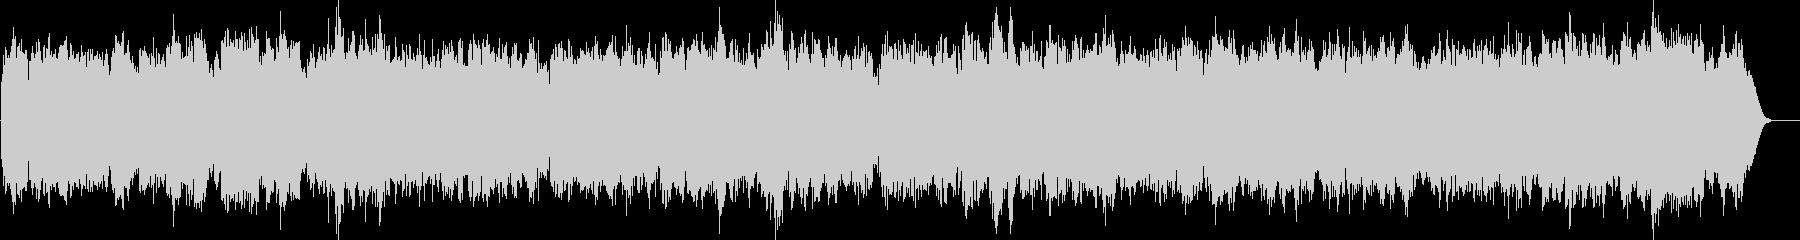 四声のブラスアンサンブルオリジナルの未再生の波形